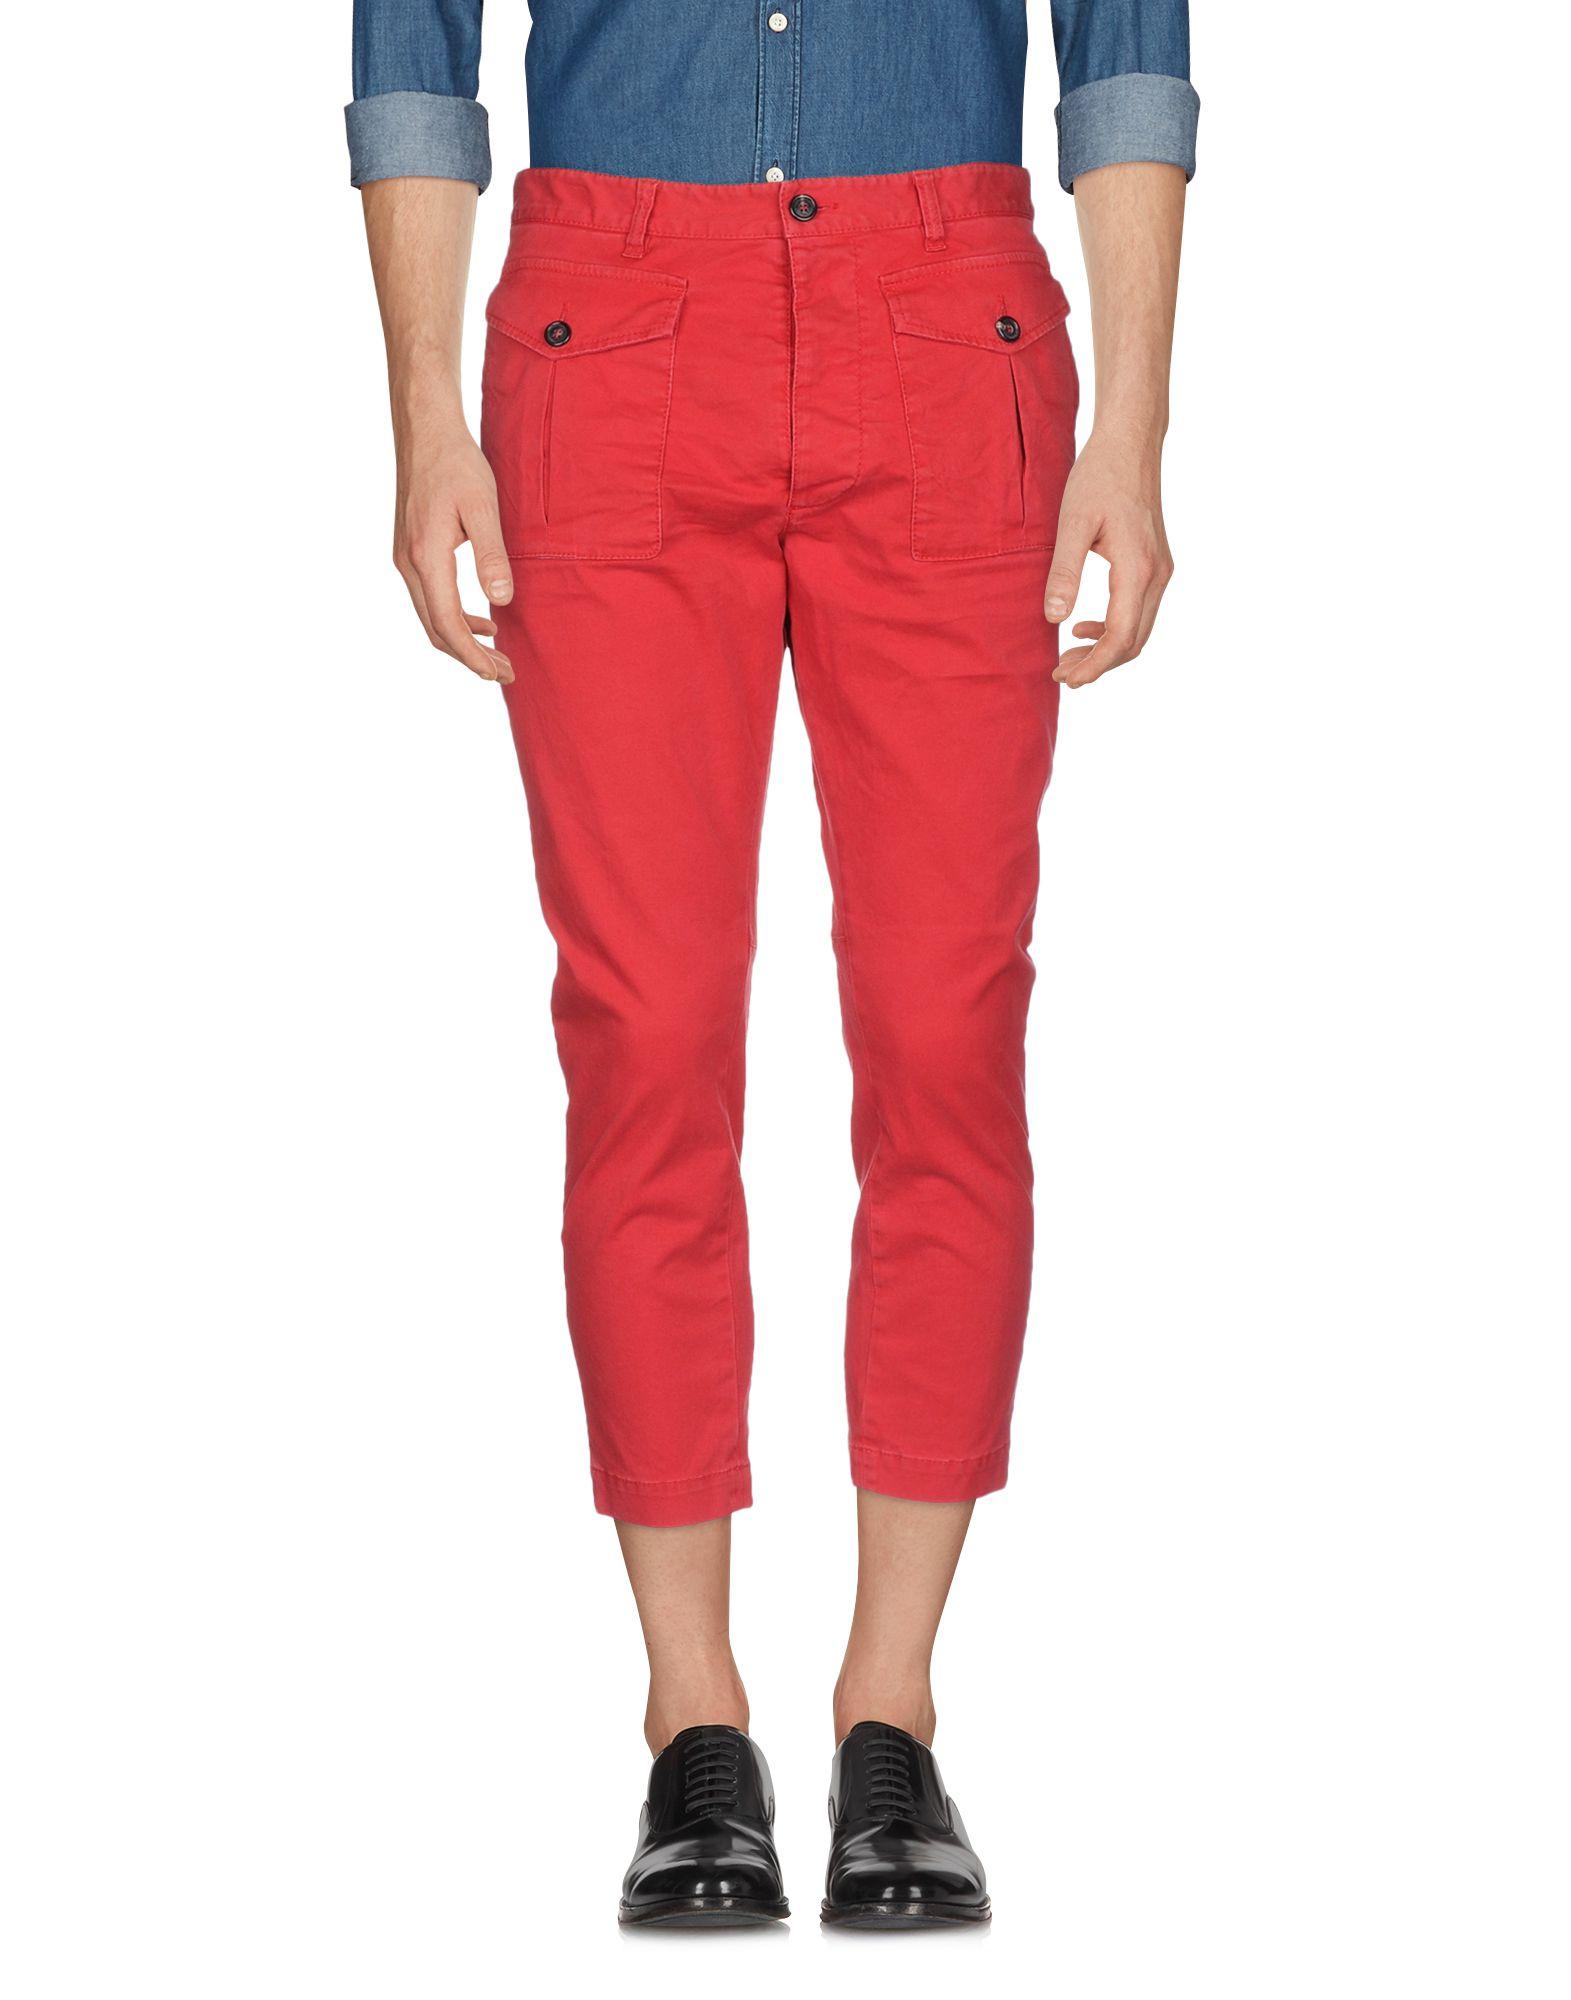 Pantalone Dsquared2 Uomo - Acquista online su